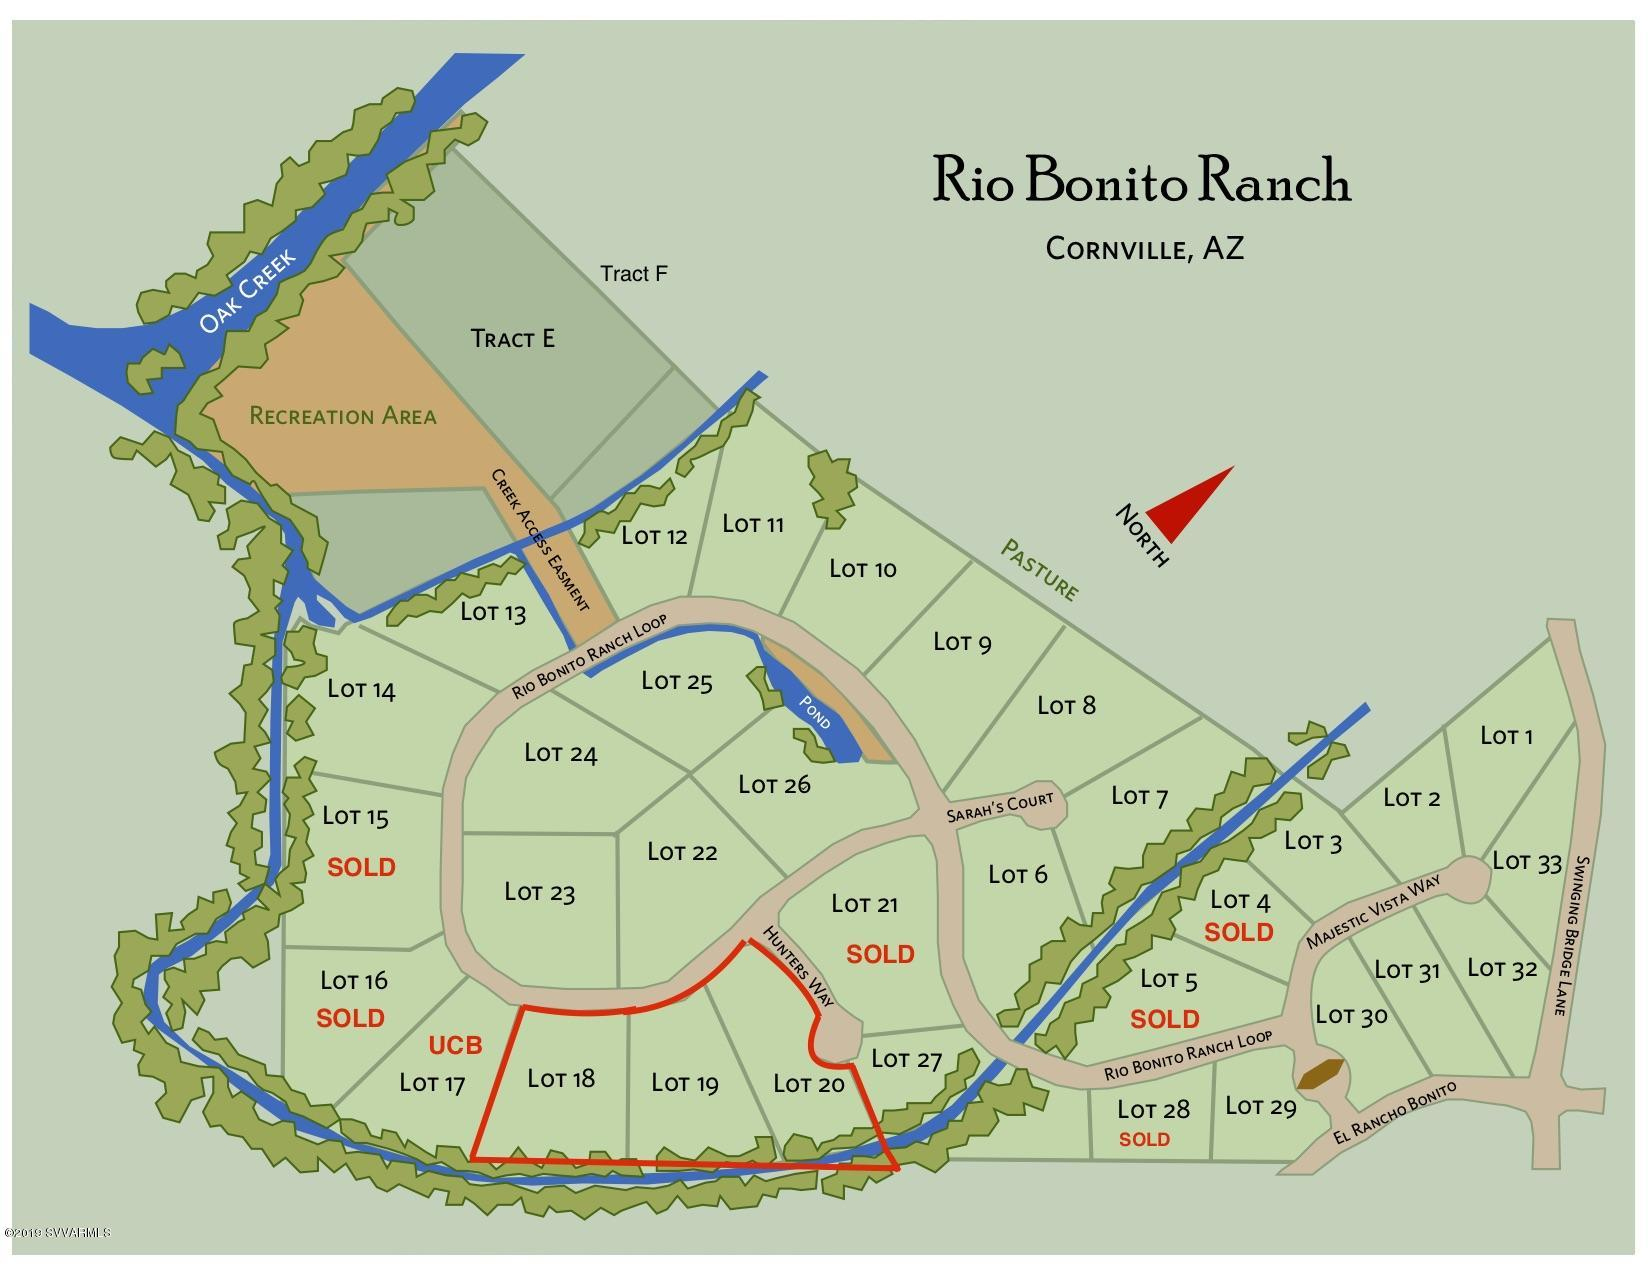 430 S Bonito Ranch Cornville, AZ 86325